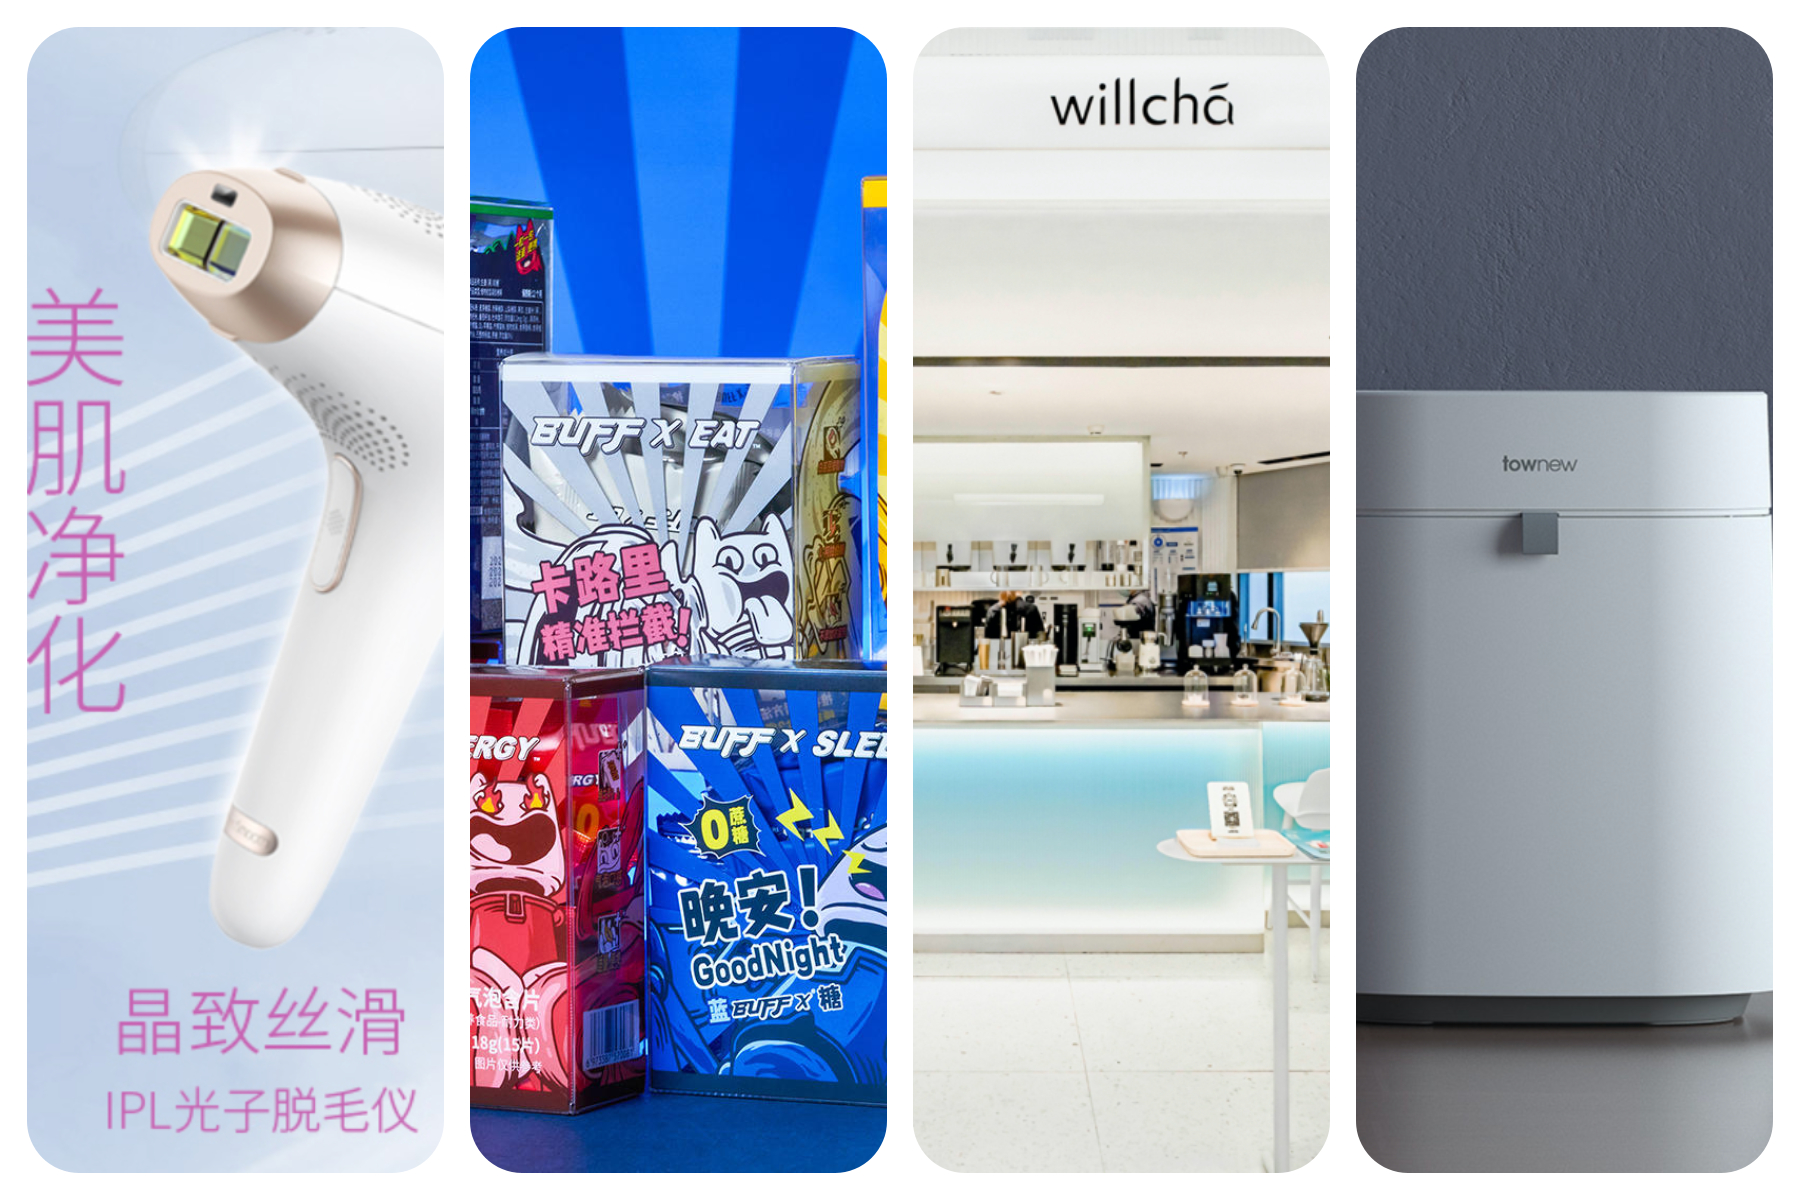 【华丽中国投资周报】2021年第2期:9家中国时尚消费企业完成新一轮融资